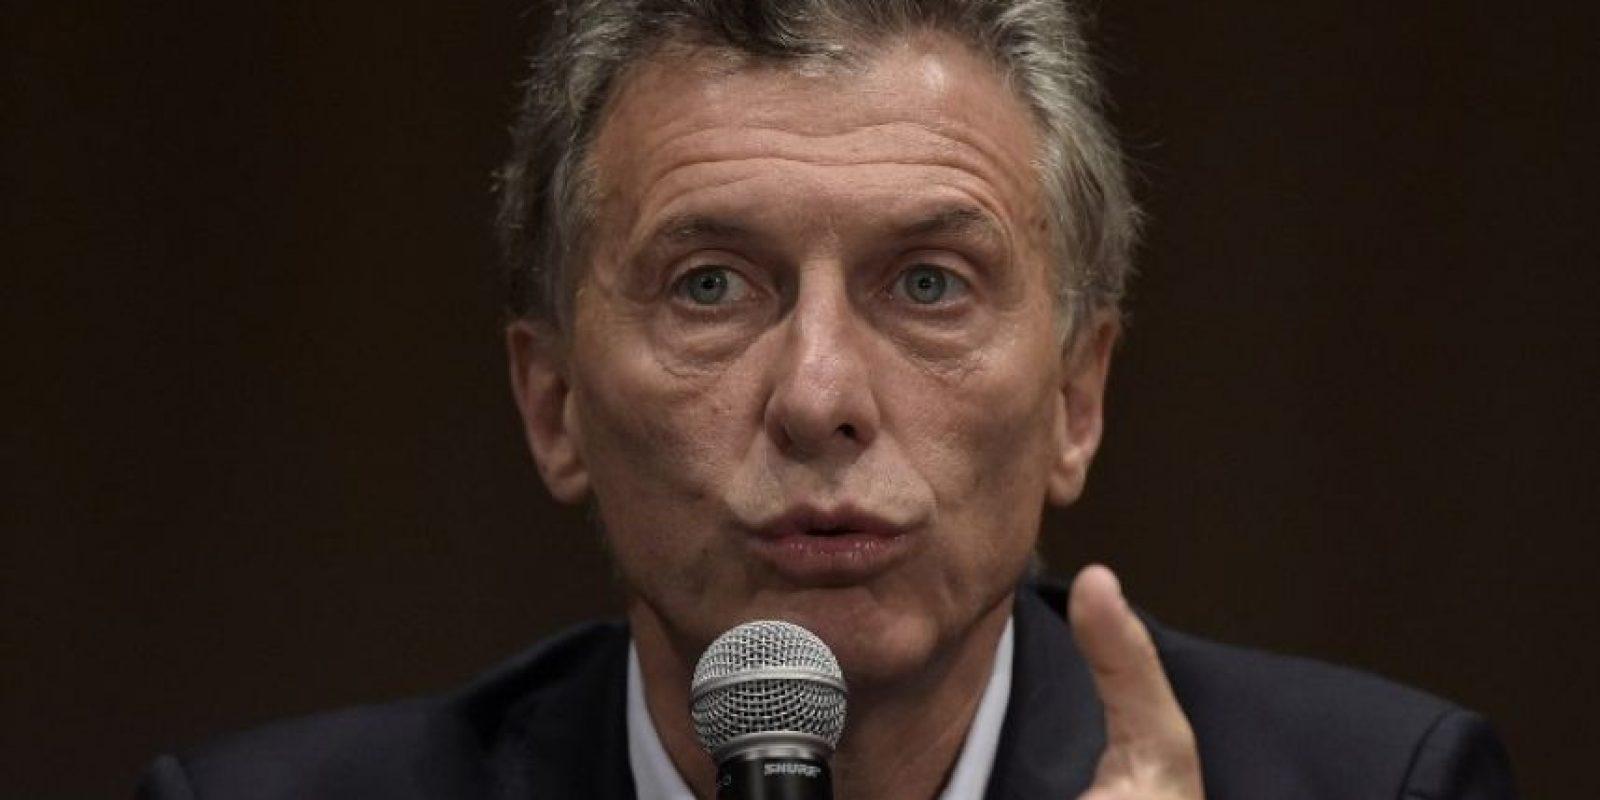 """""""Por supuesto me comprometo a ambas cosas"""", dijo al ser cuestionado sobre si continuaría el proceso judicial contra los represores y las políticas contra la violencia de género. Foto:AFP"""